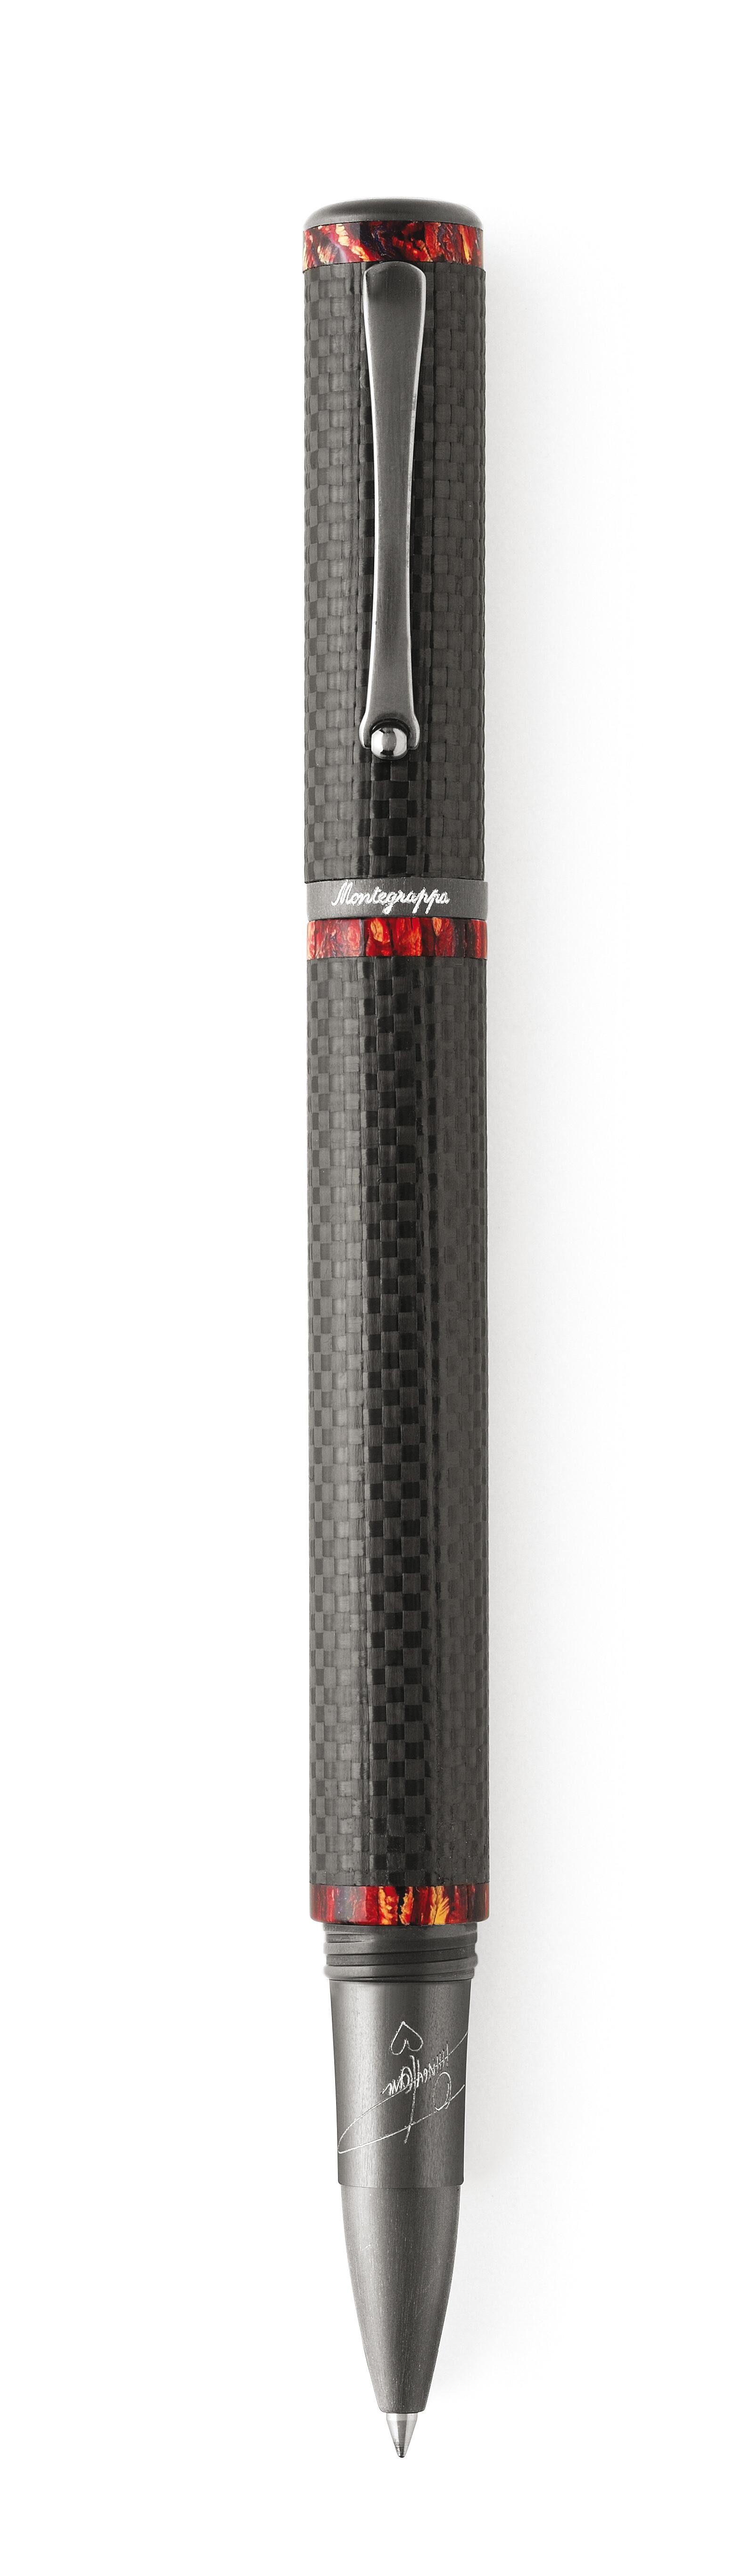 Quincy Jones Carbon Fiber 01